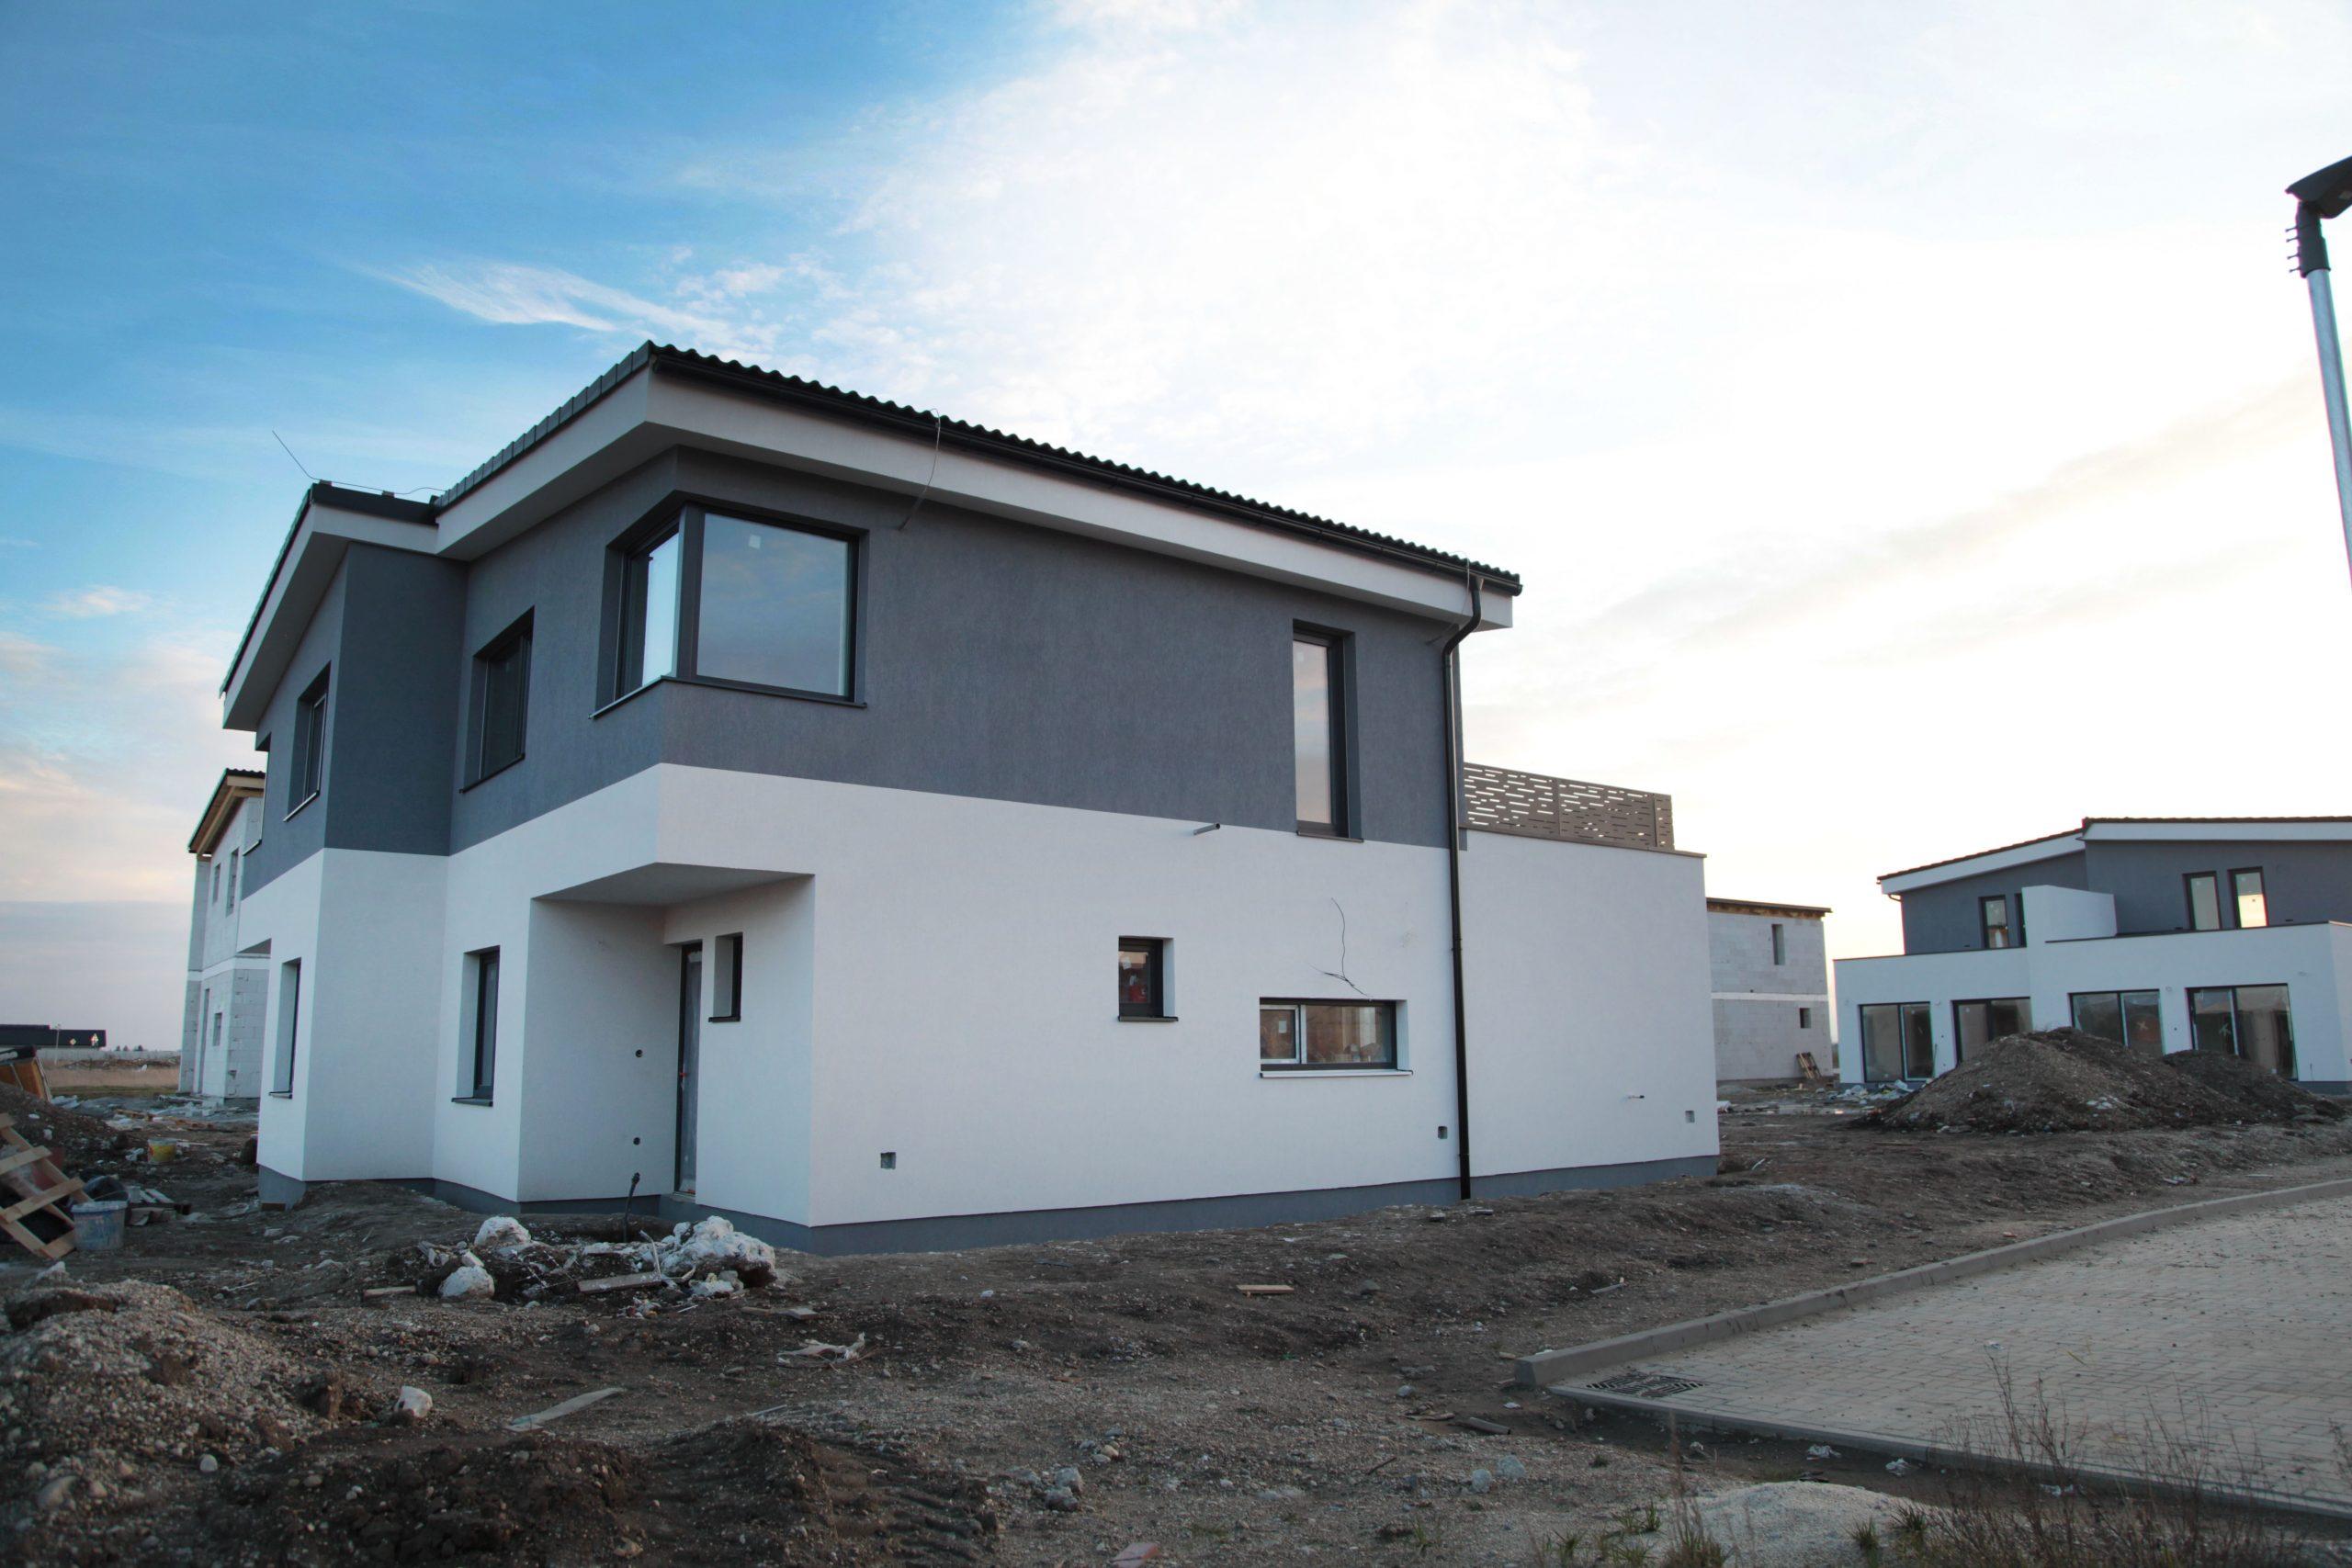 4 izbový dom v dvojdome s vlastnou záhradou – Miloslavov